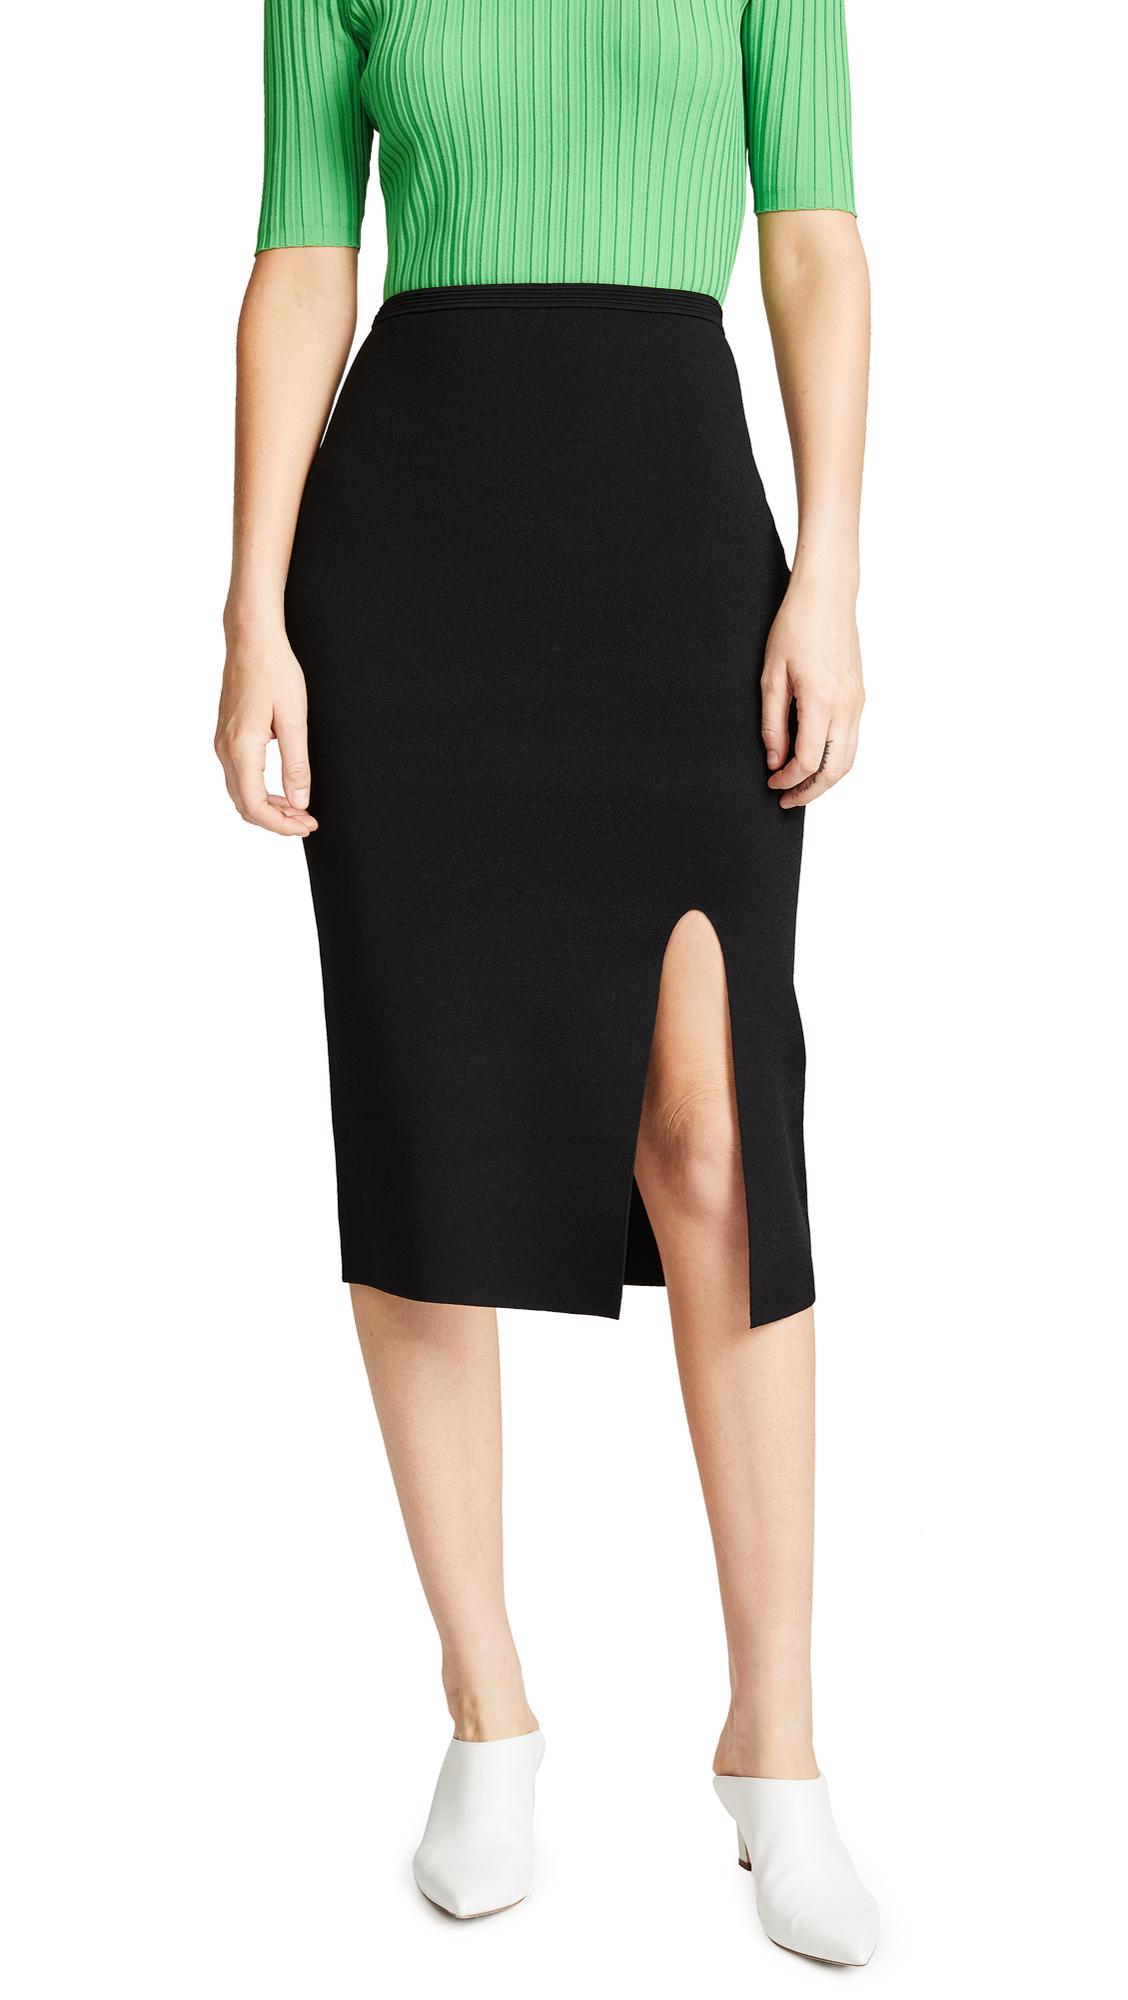 Diane von Furstenberg Side Slit Pencil Skirt In Black